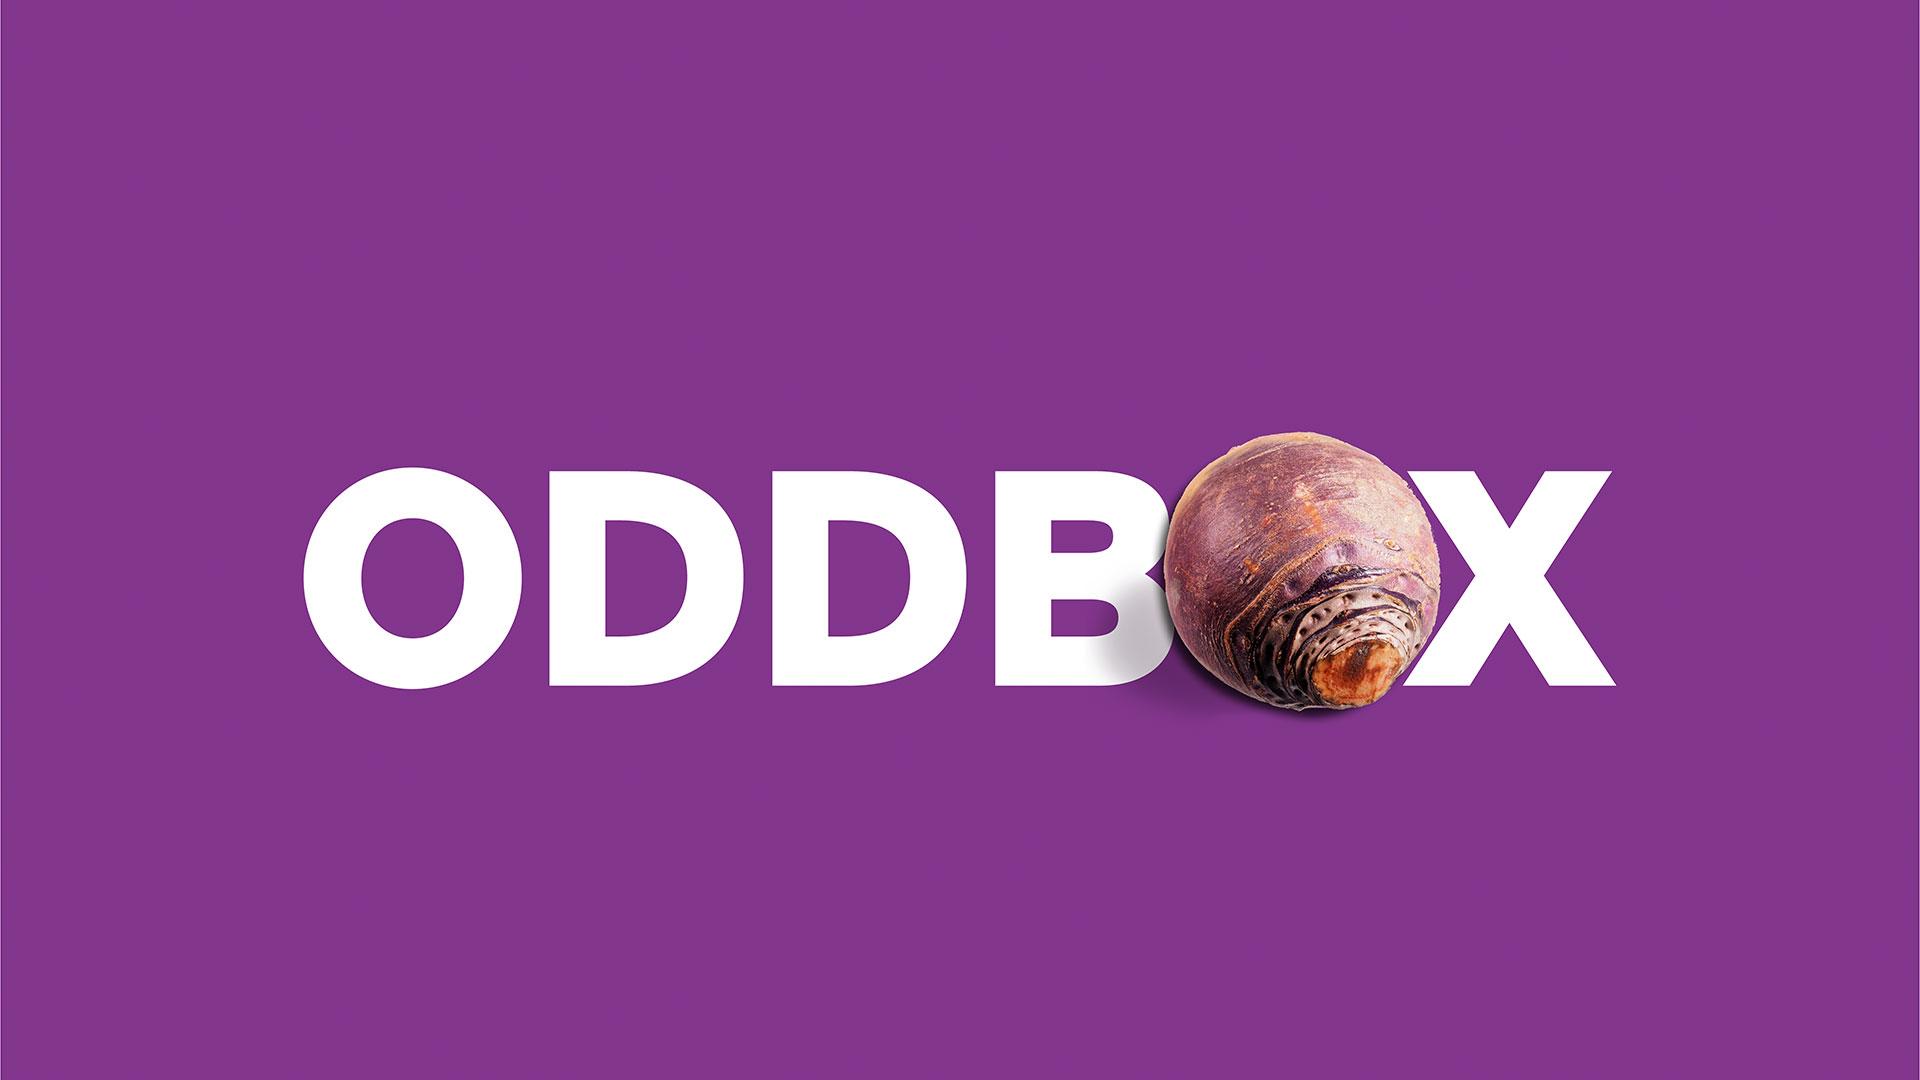 Oddbox_1